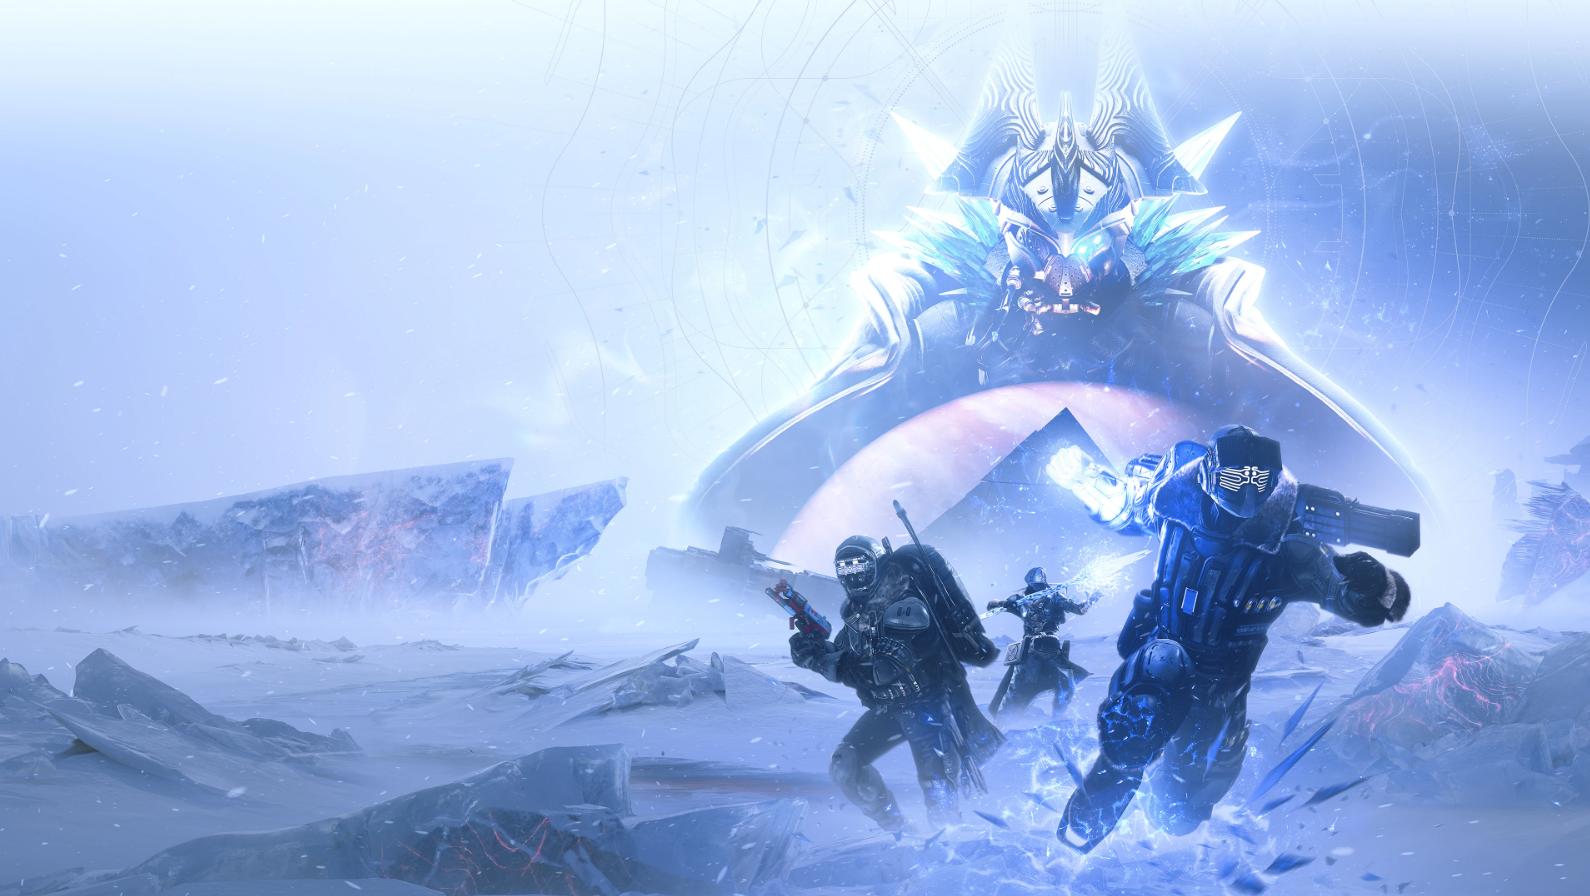 🔥 Bungie о Destiny 2 в 2021 году: «Королевы-ведьмы» не будет 👹, но ждите 13 важных изменений 💥 для PvP и PvE 📃